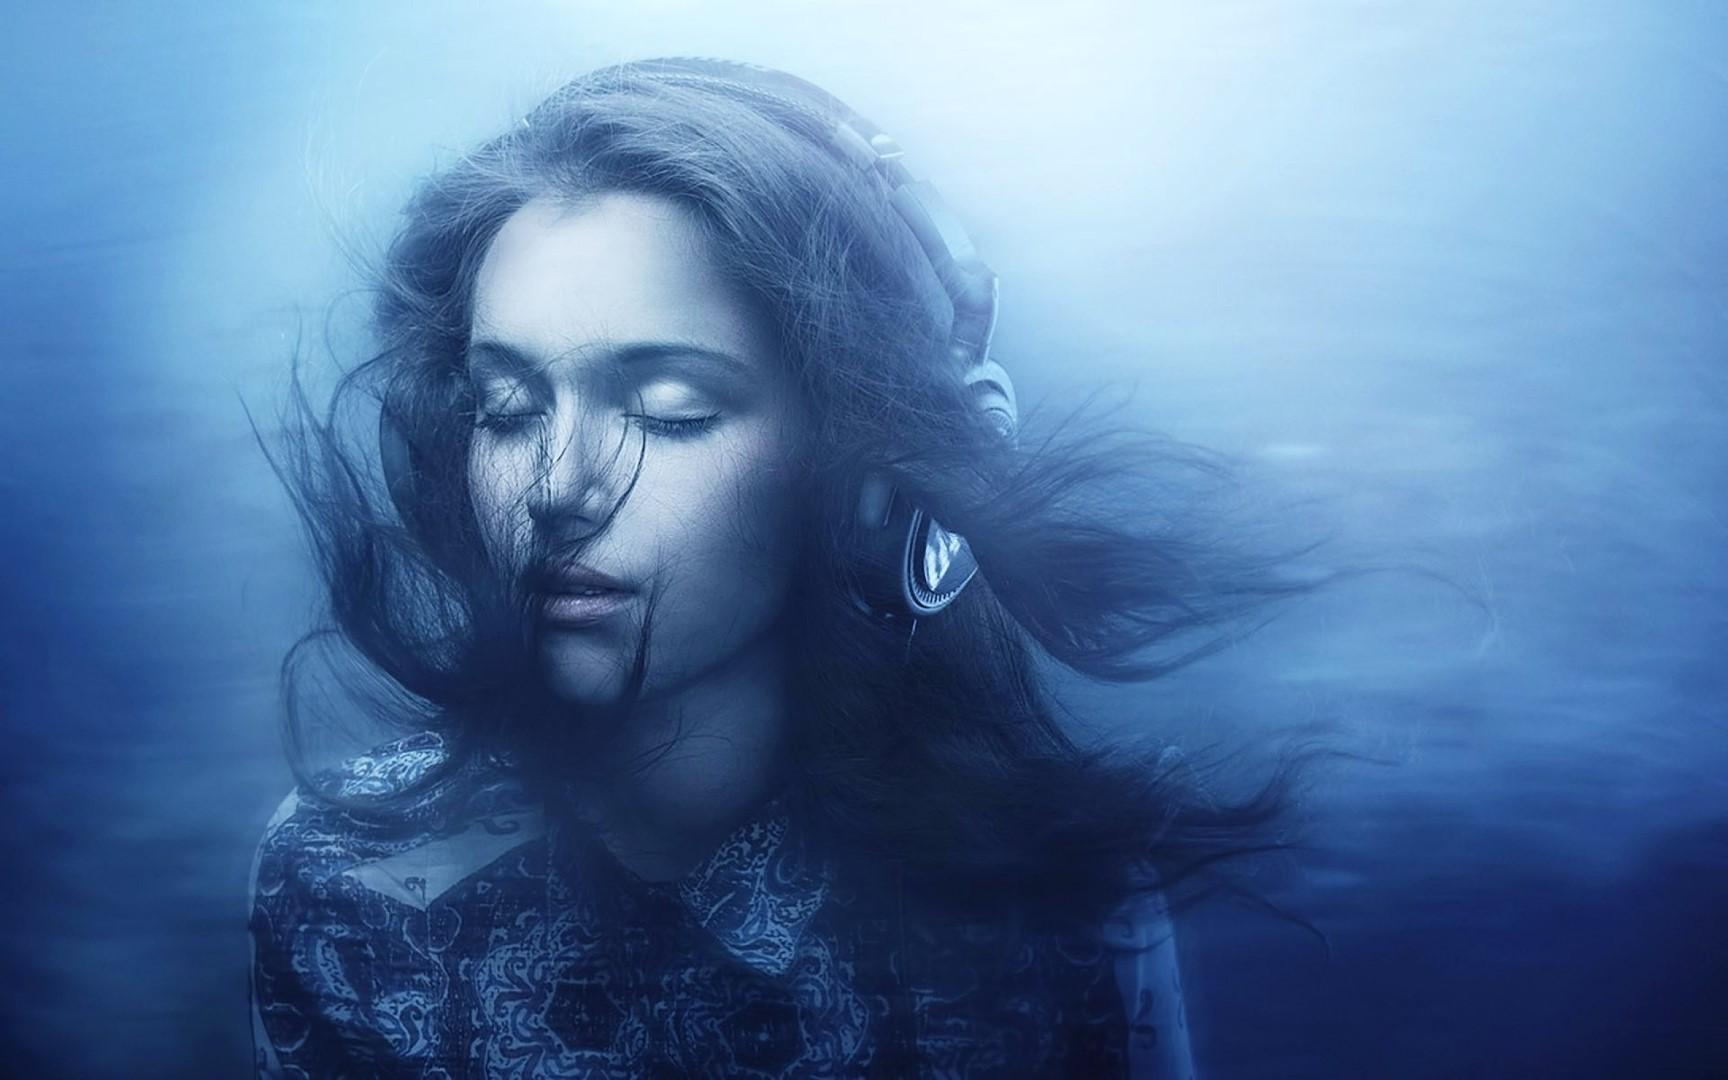 Wallpaper Wanita Biru Emosi Kegelapan Wallpaper